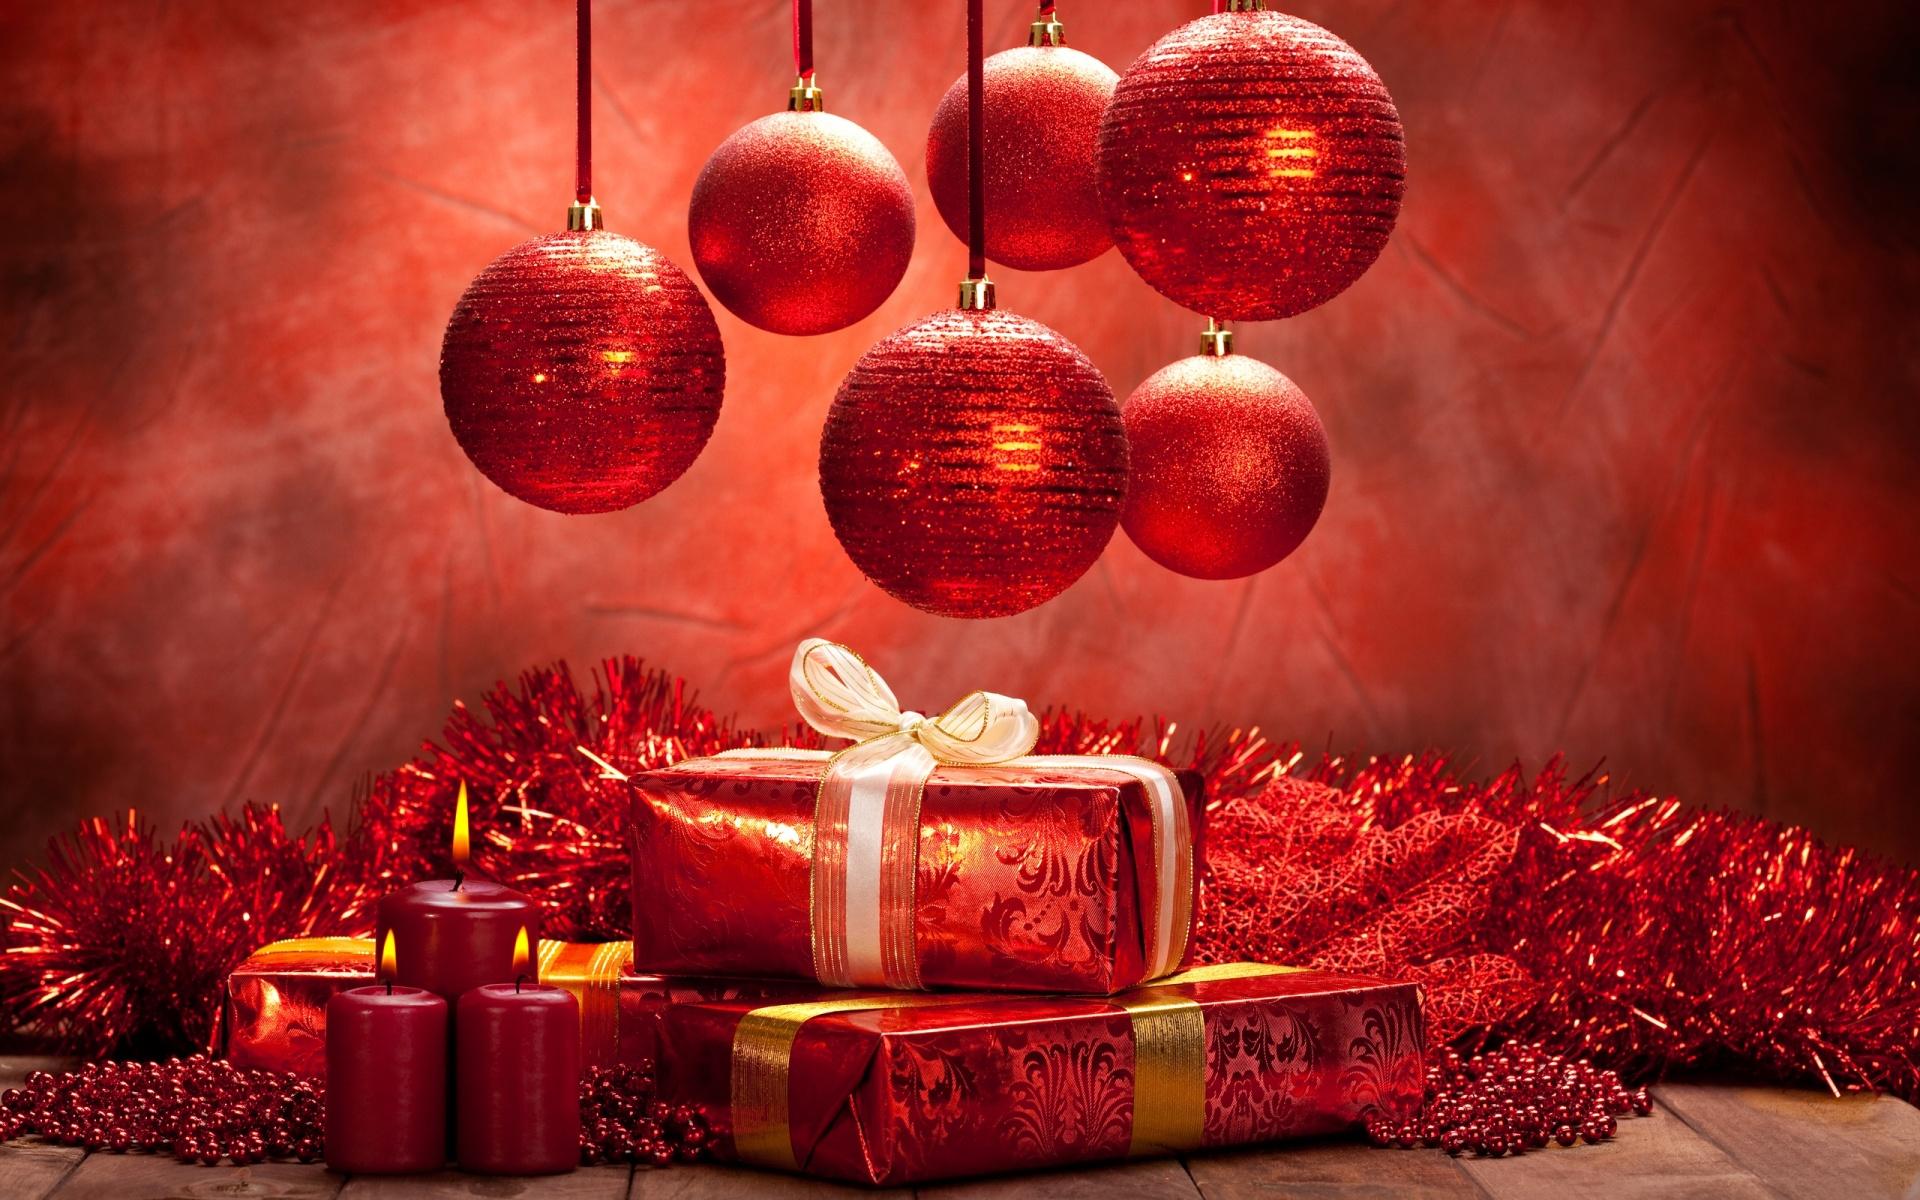 Рождественские обои для рабочего стола, merry christmas wallaper, X-mas wallapper, скачать фото, Рождество